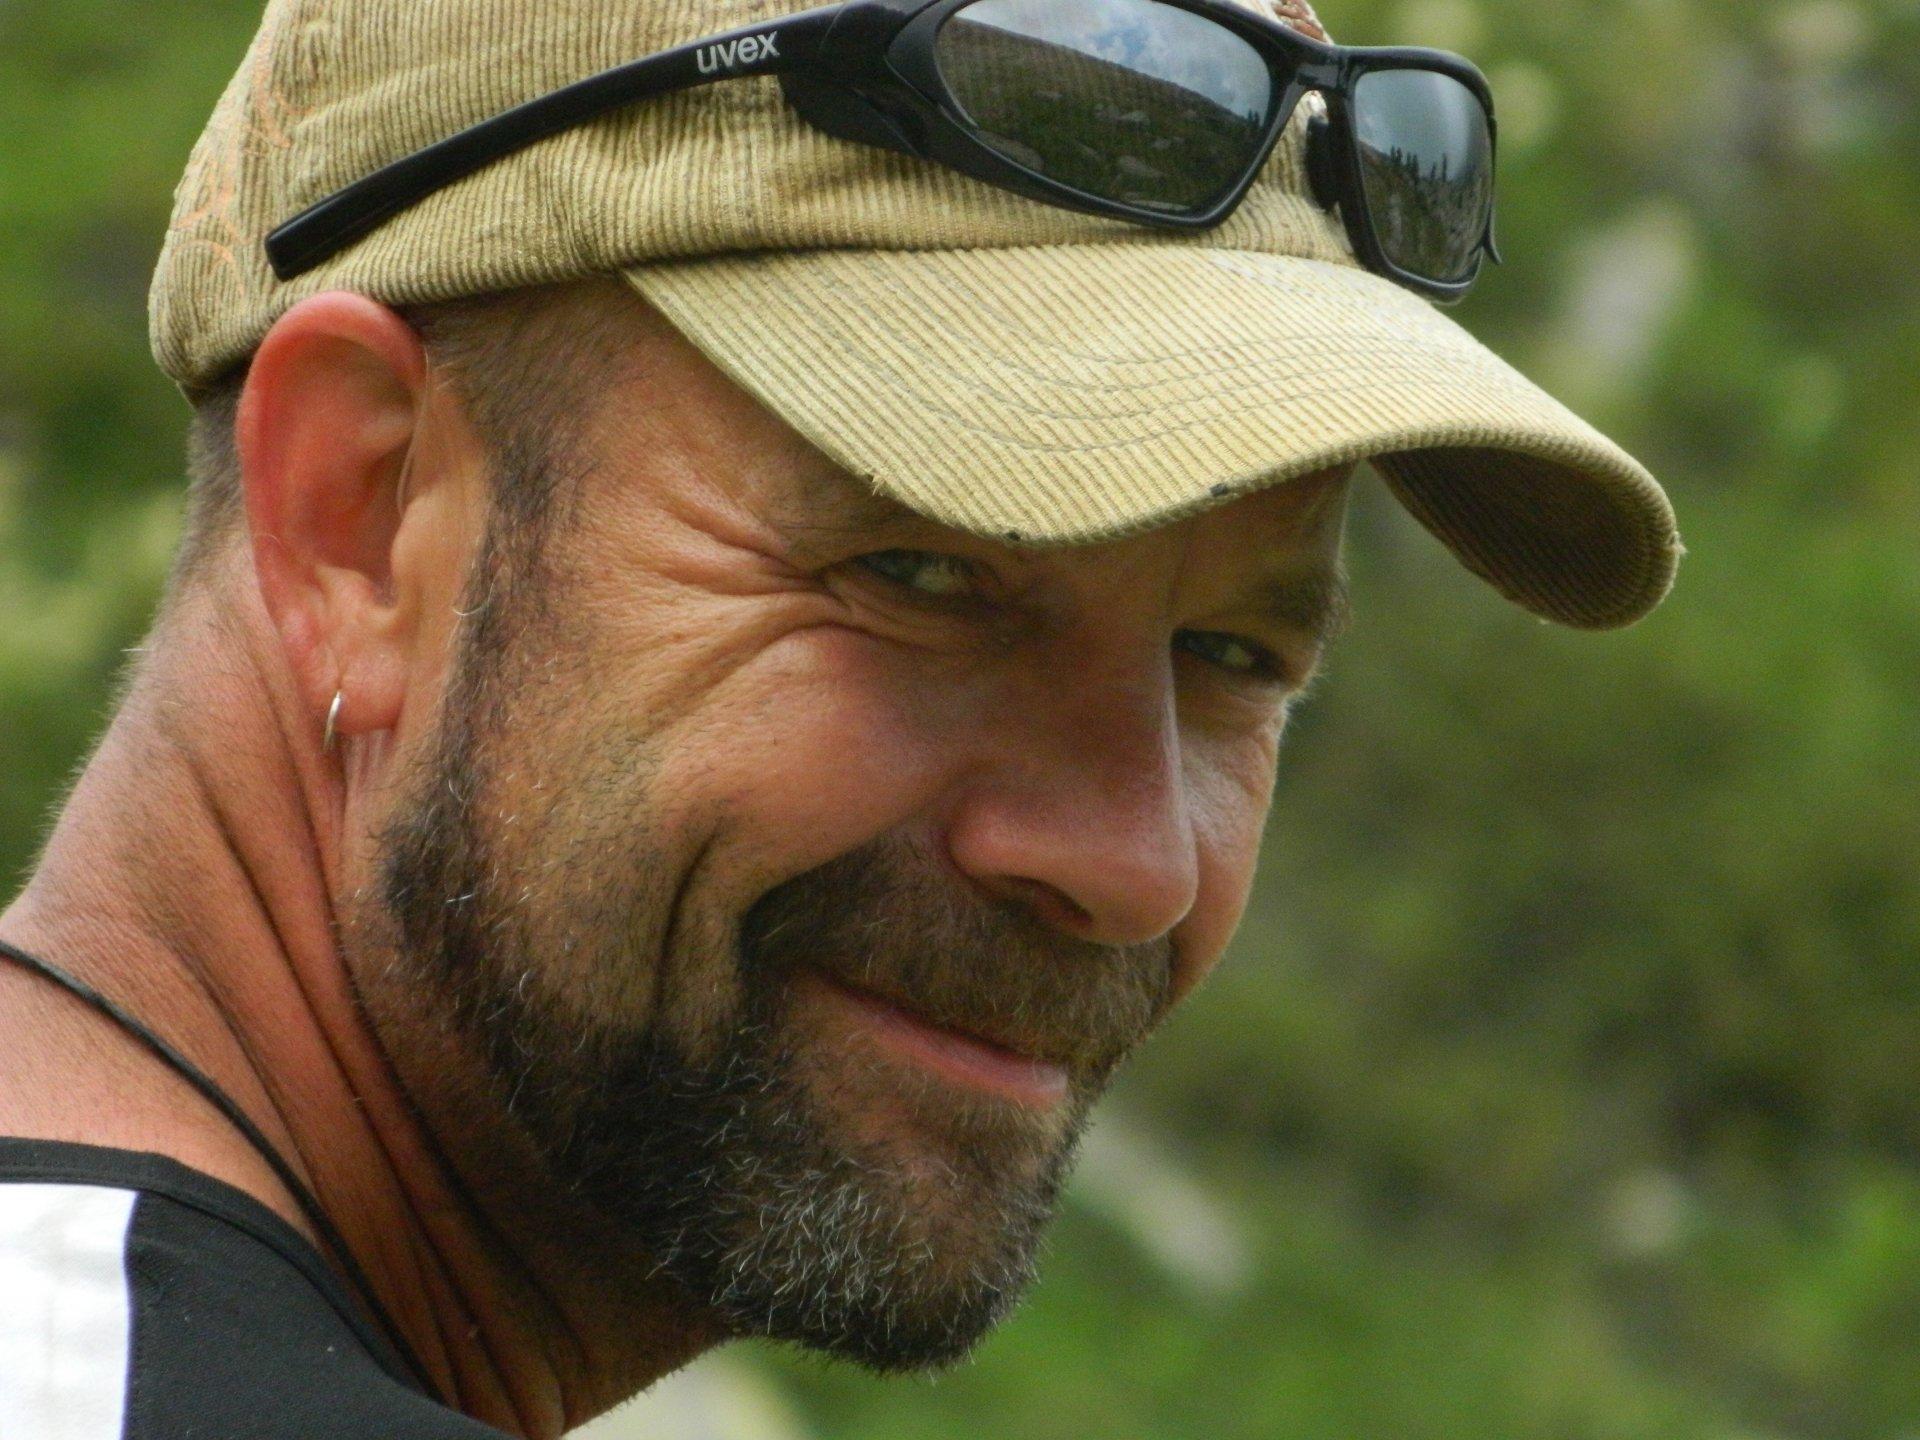 David aus Baden-Württemberg,Deutschland